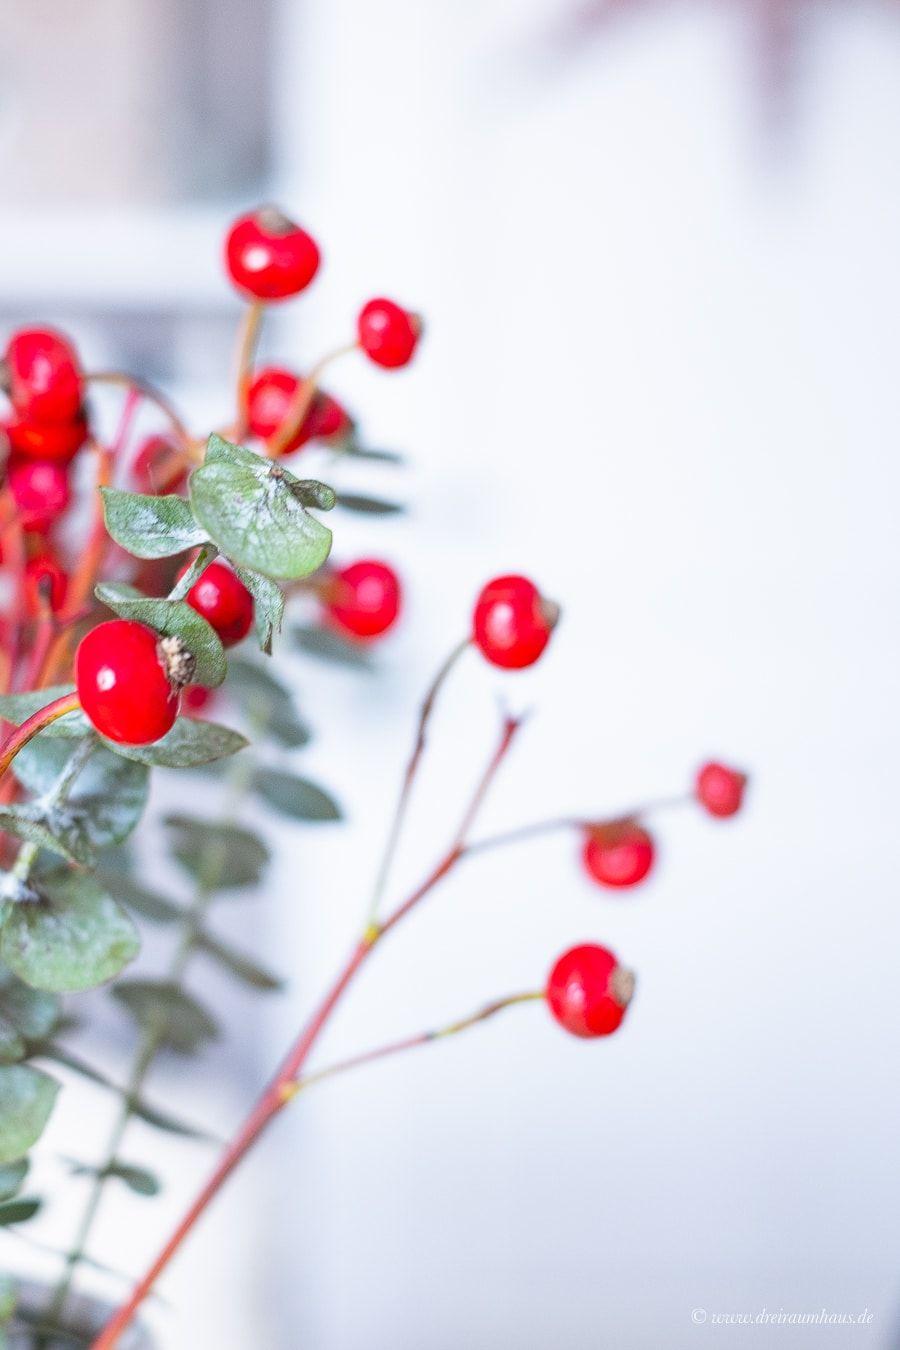 Dekosamstag: 10 Minuten DIY Pinnwand mit weihnachtlicher Dekoration! Mit Vorwerk Twercs!